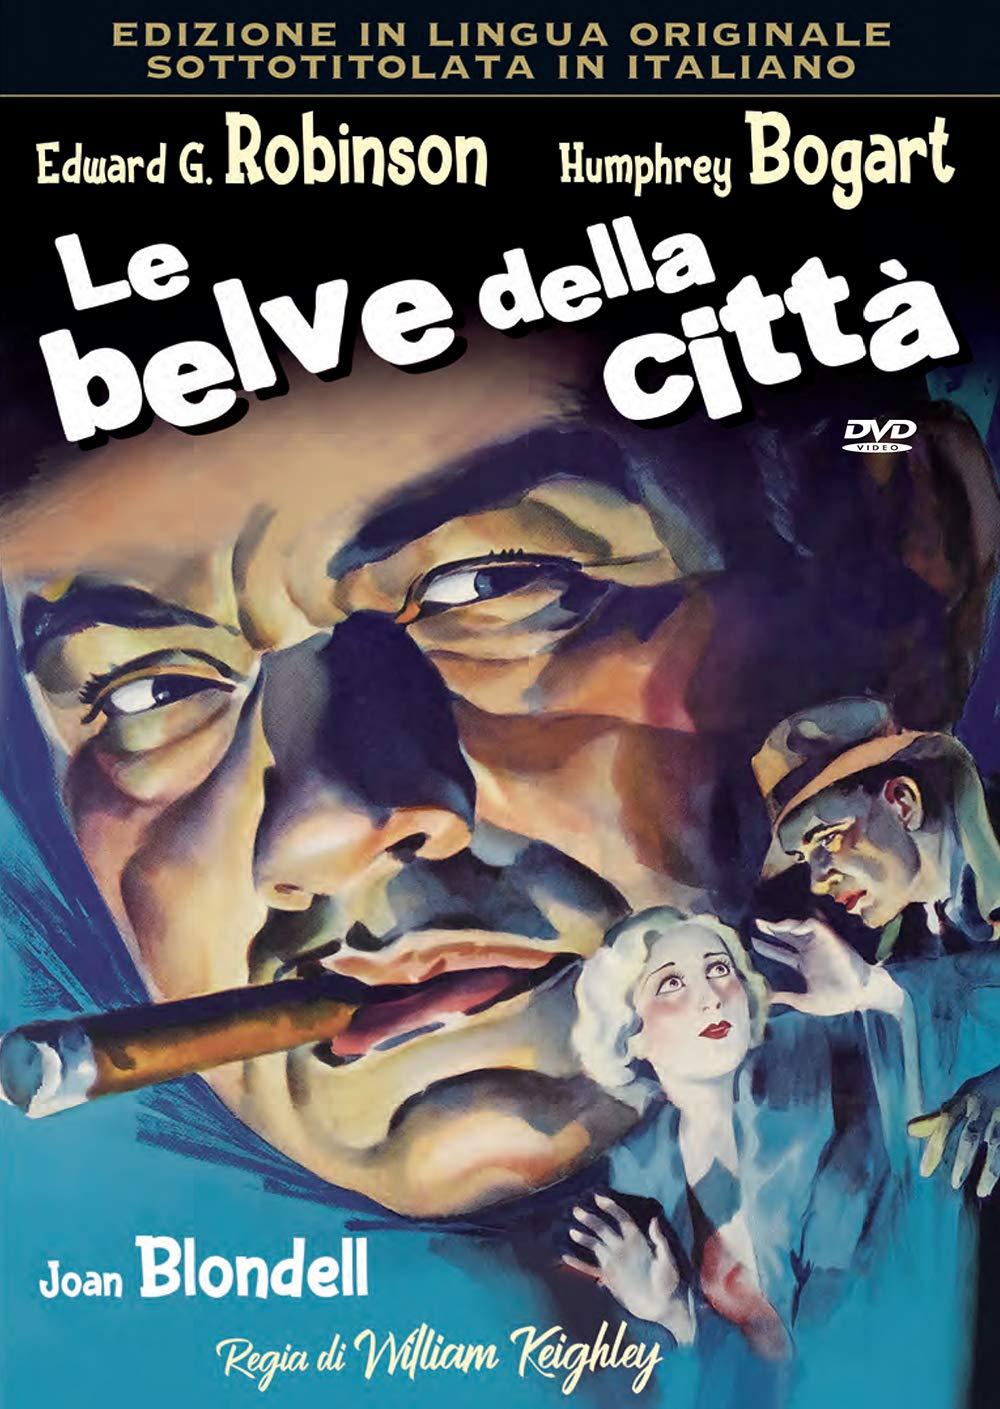 LE BELVE DELLA CITTA' (DVD)